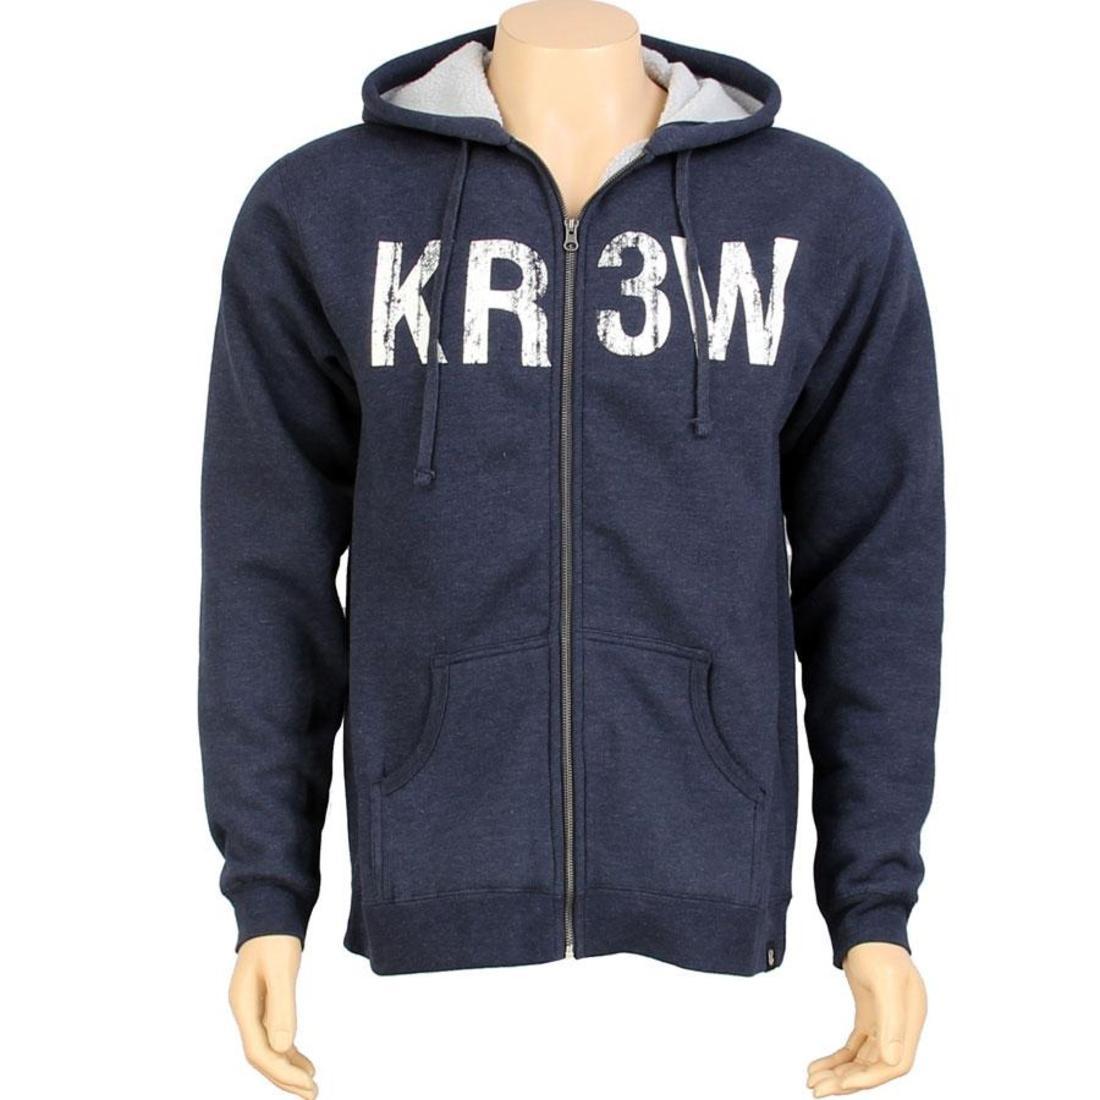 【海外限定】フリース フーディー パーカー メンズファッション 【 KR3W SEED SHERPA ZIP FLEECE HOODY NAVY 】